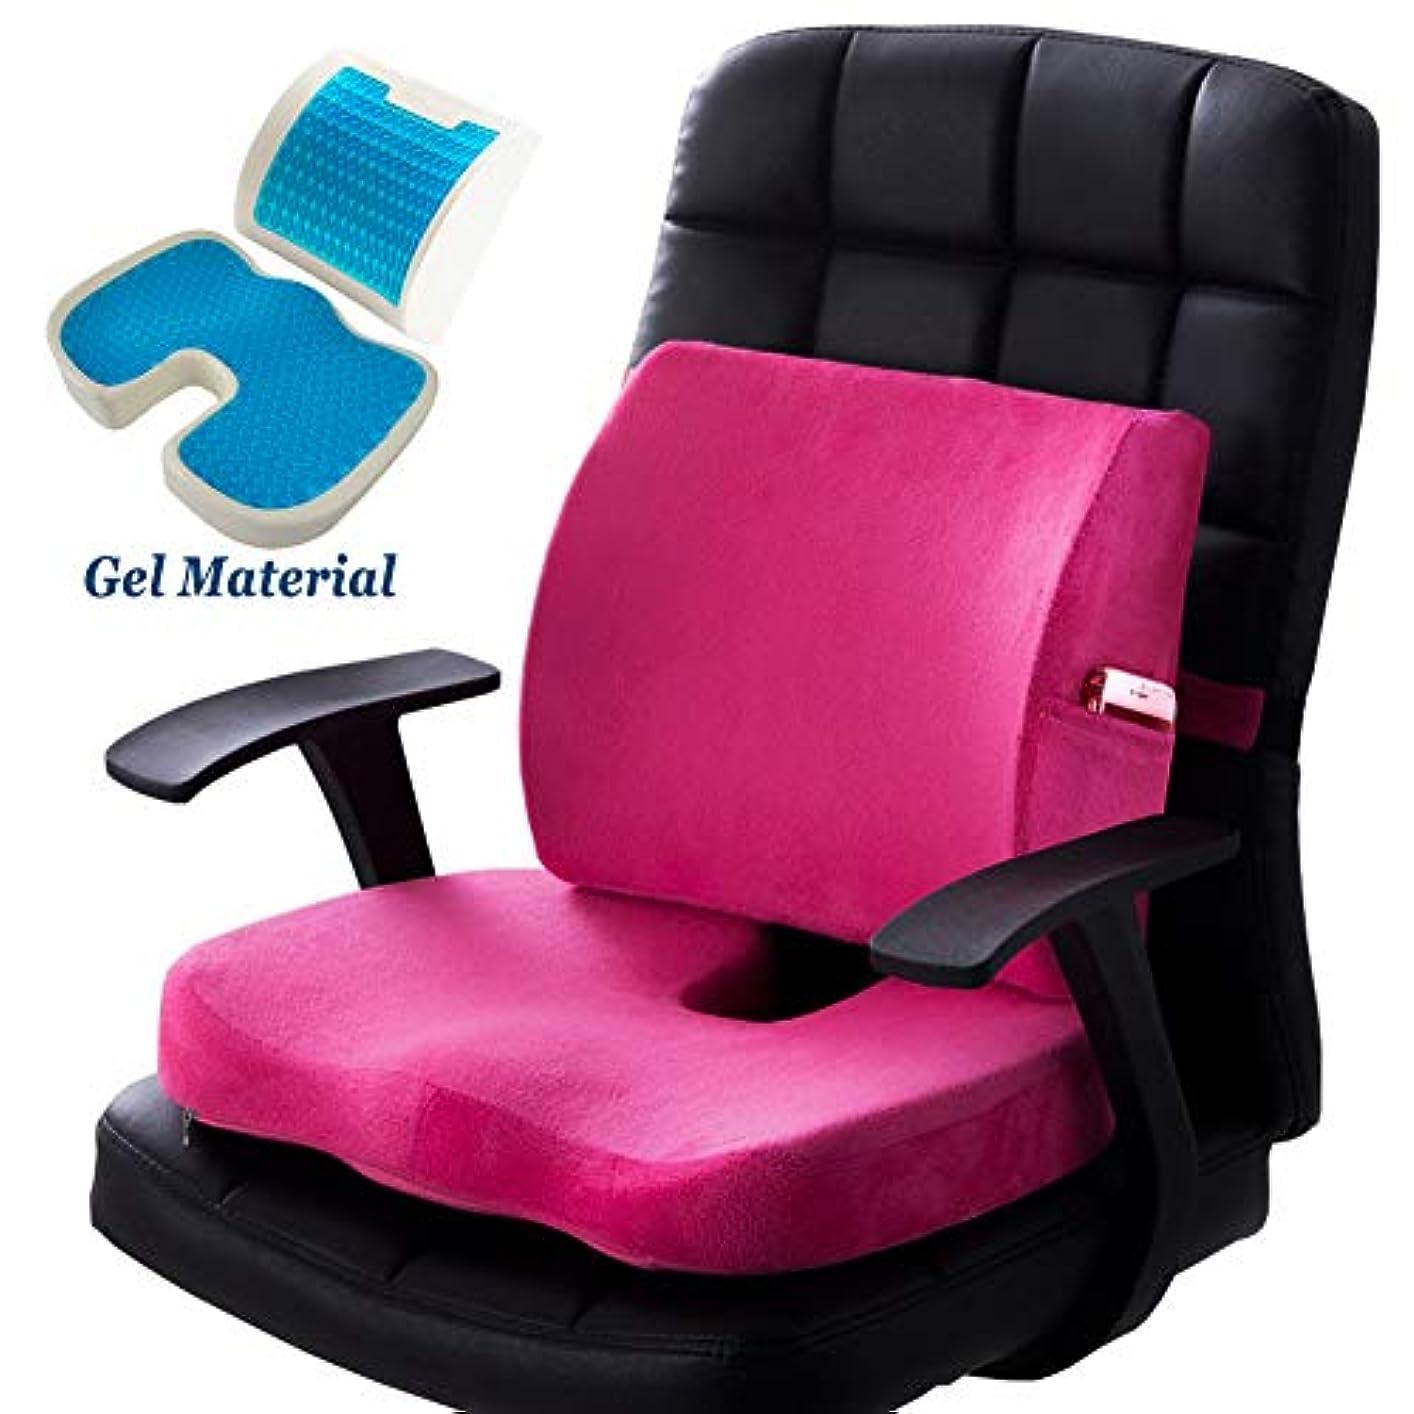 子音こだわり家畜シートクッションと腰用クッションセット,ファッション低反発フォーム/ジェルサポートバッククッション、洗えるカバー、坐骨神経痛の痛みを軽減,PinkPlush,Gel